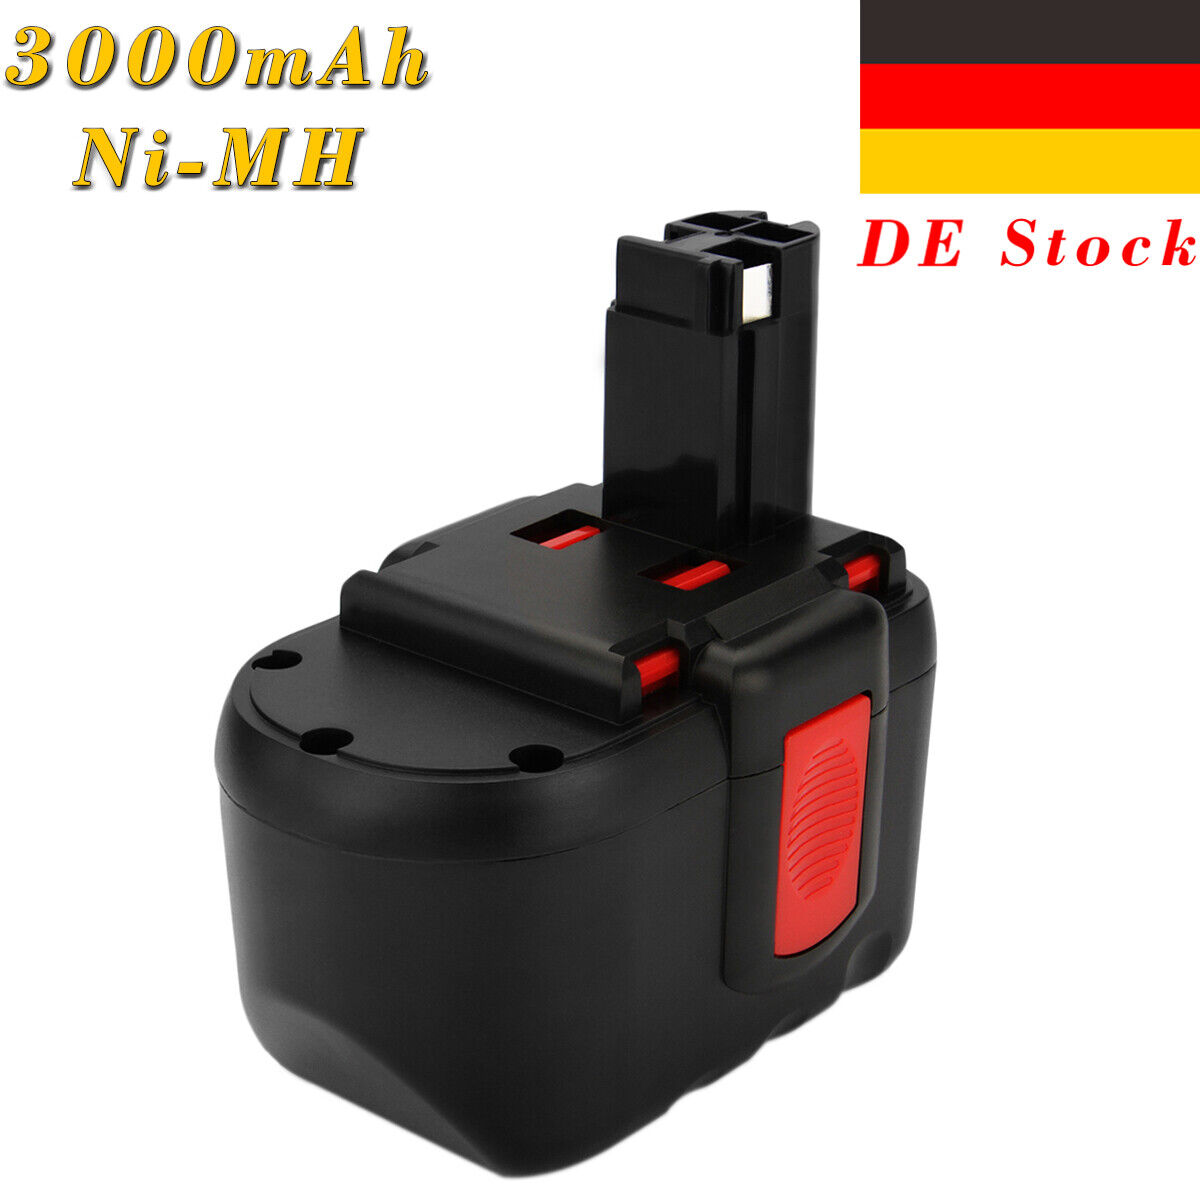 Batterie pour Bosch bat-030 bat-031 bat-240 bat-299 3000mah